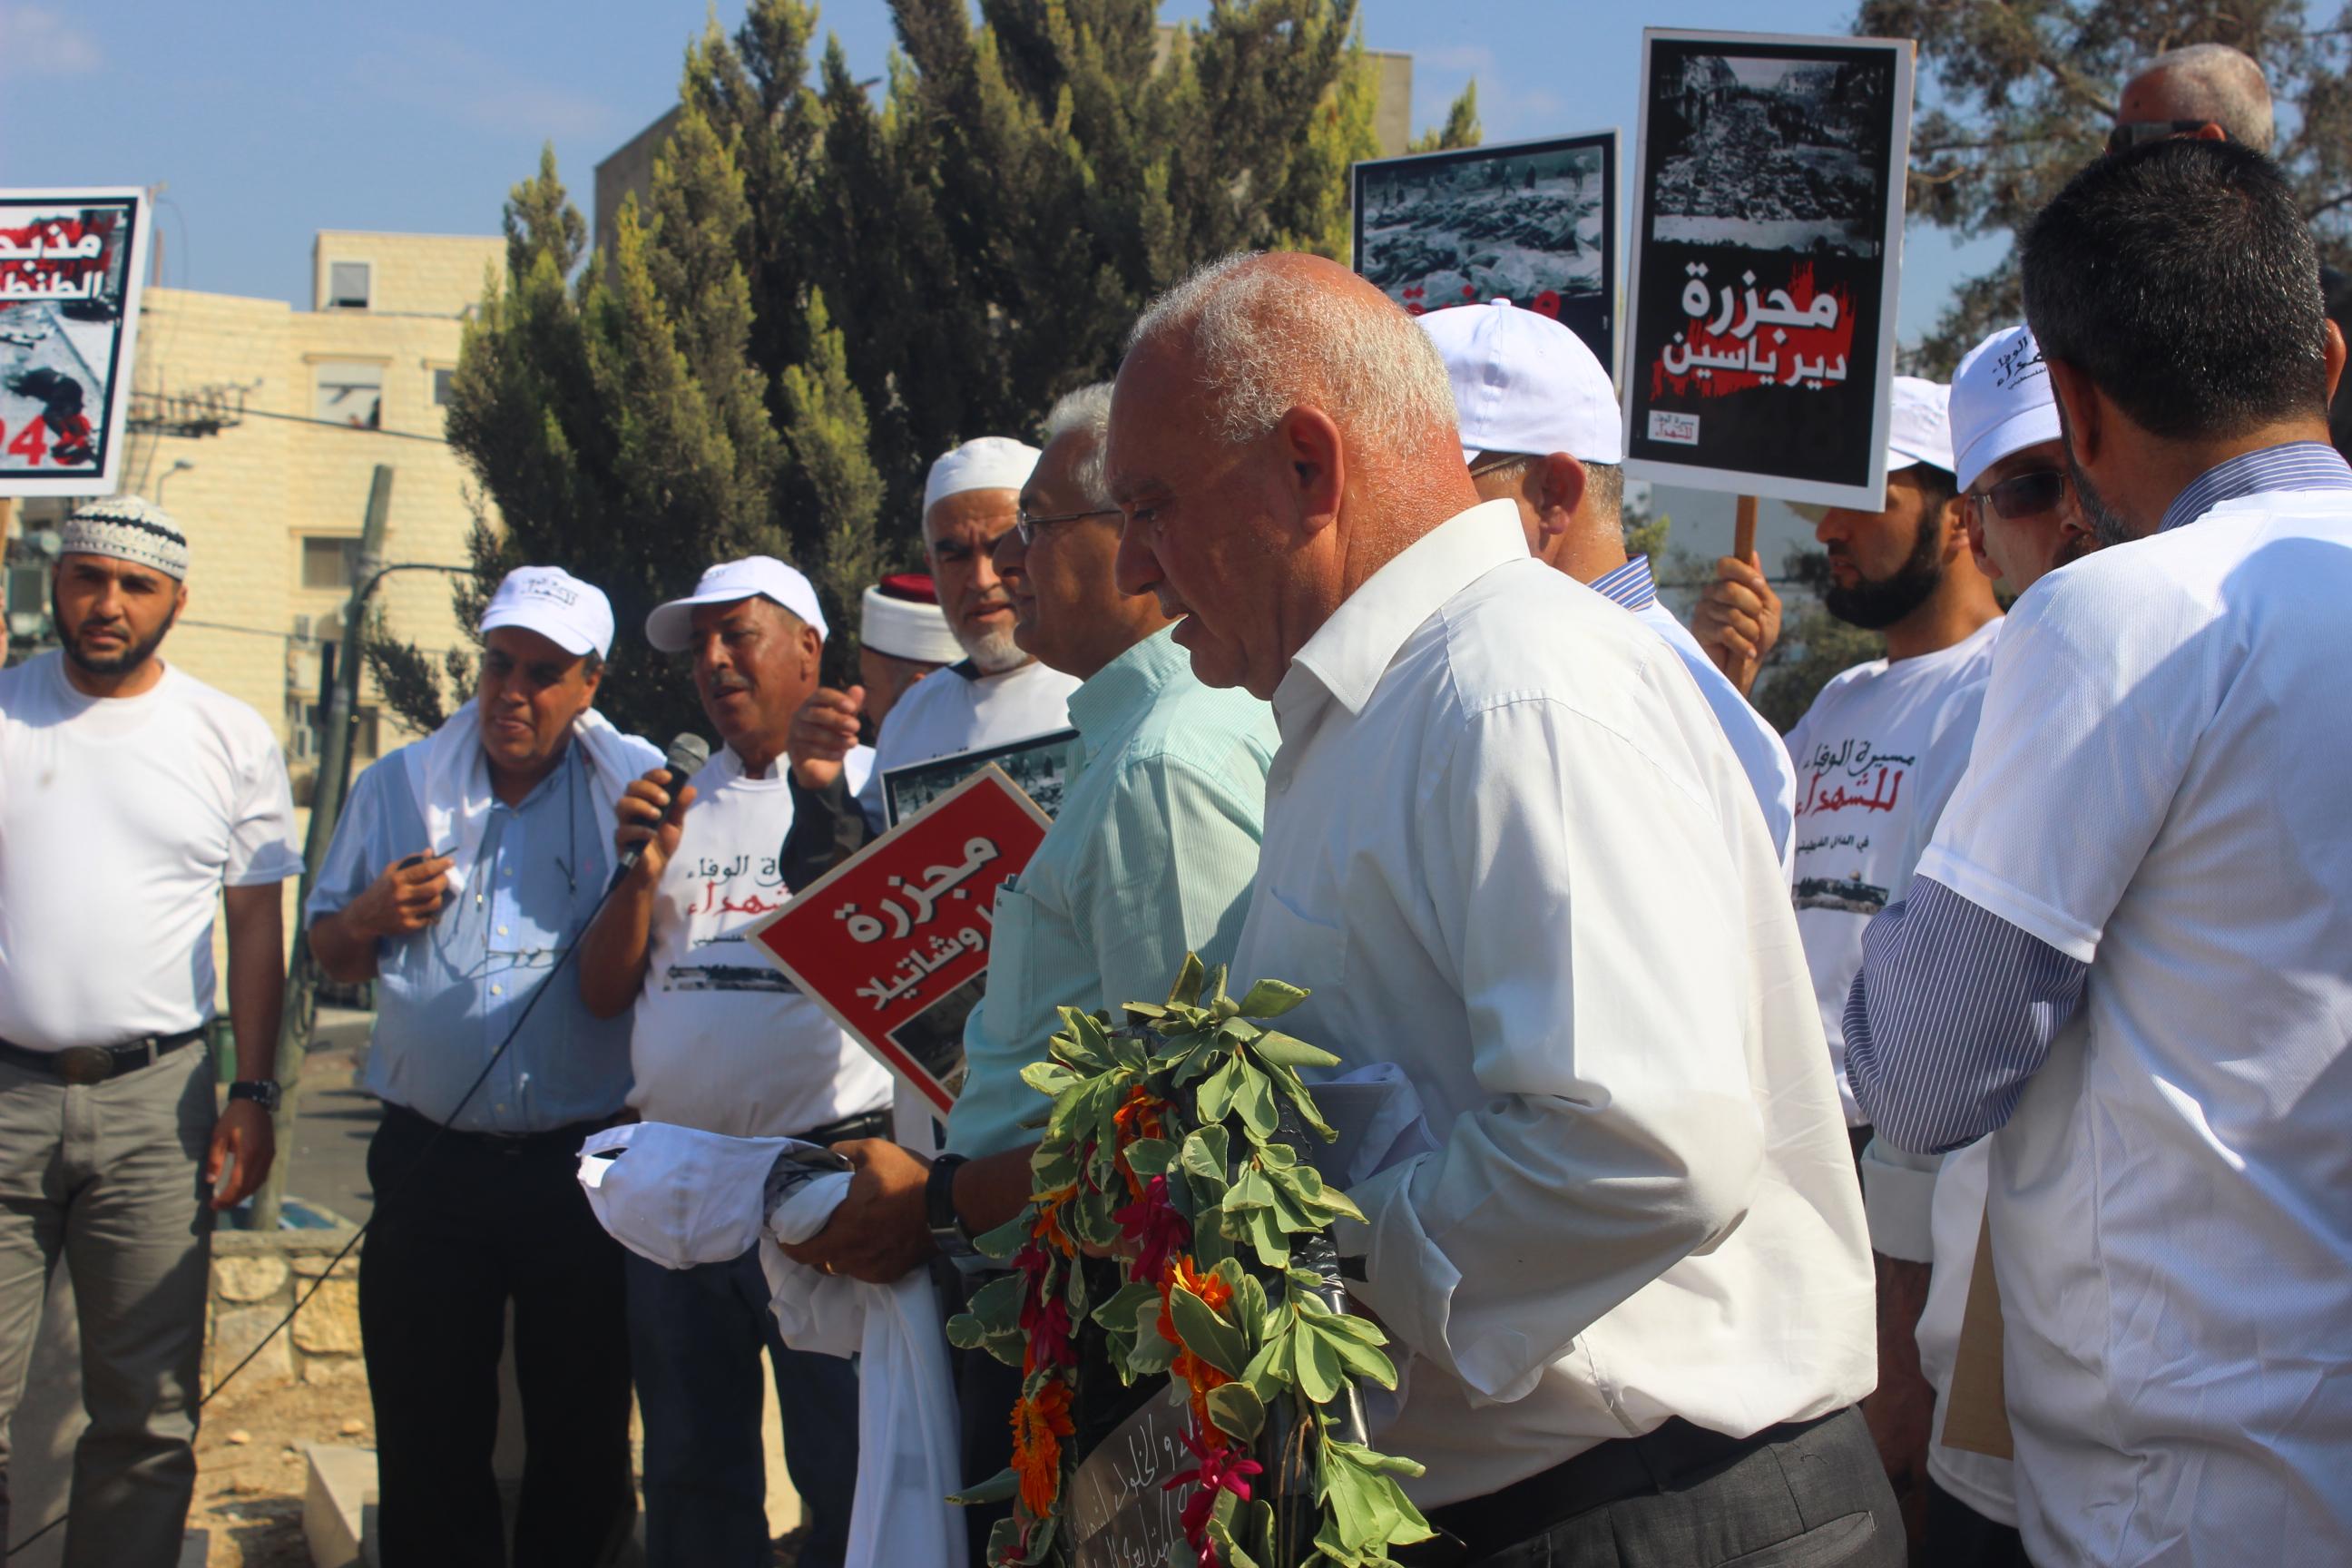 سخنين :تتويج  مراسم إحياء ذكرى هبة القدس والأقصى بمسيرة مركزية ومهرجان خطابي